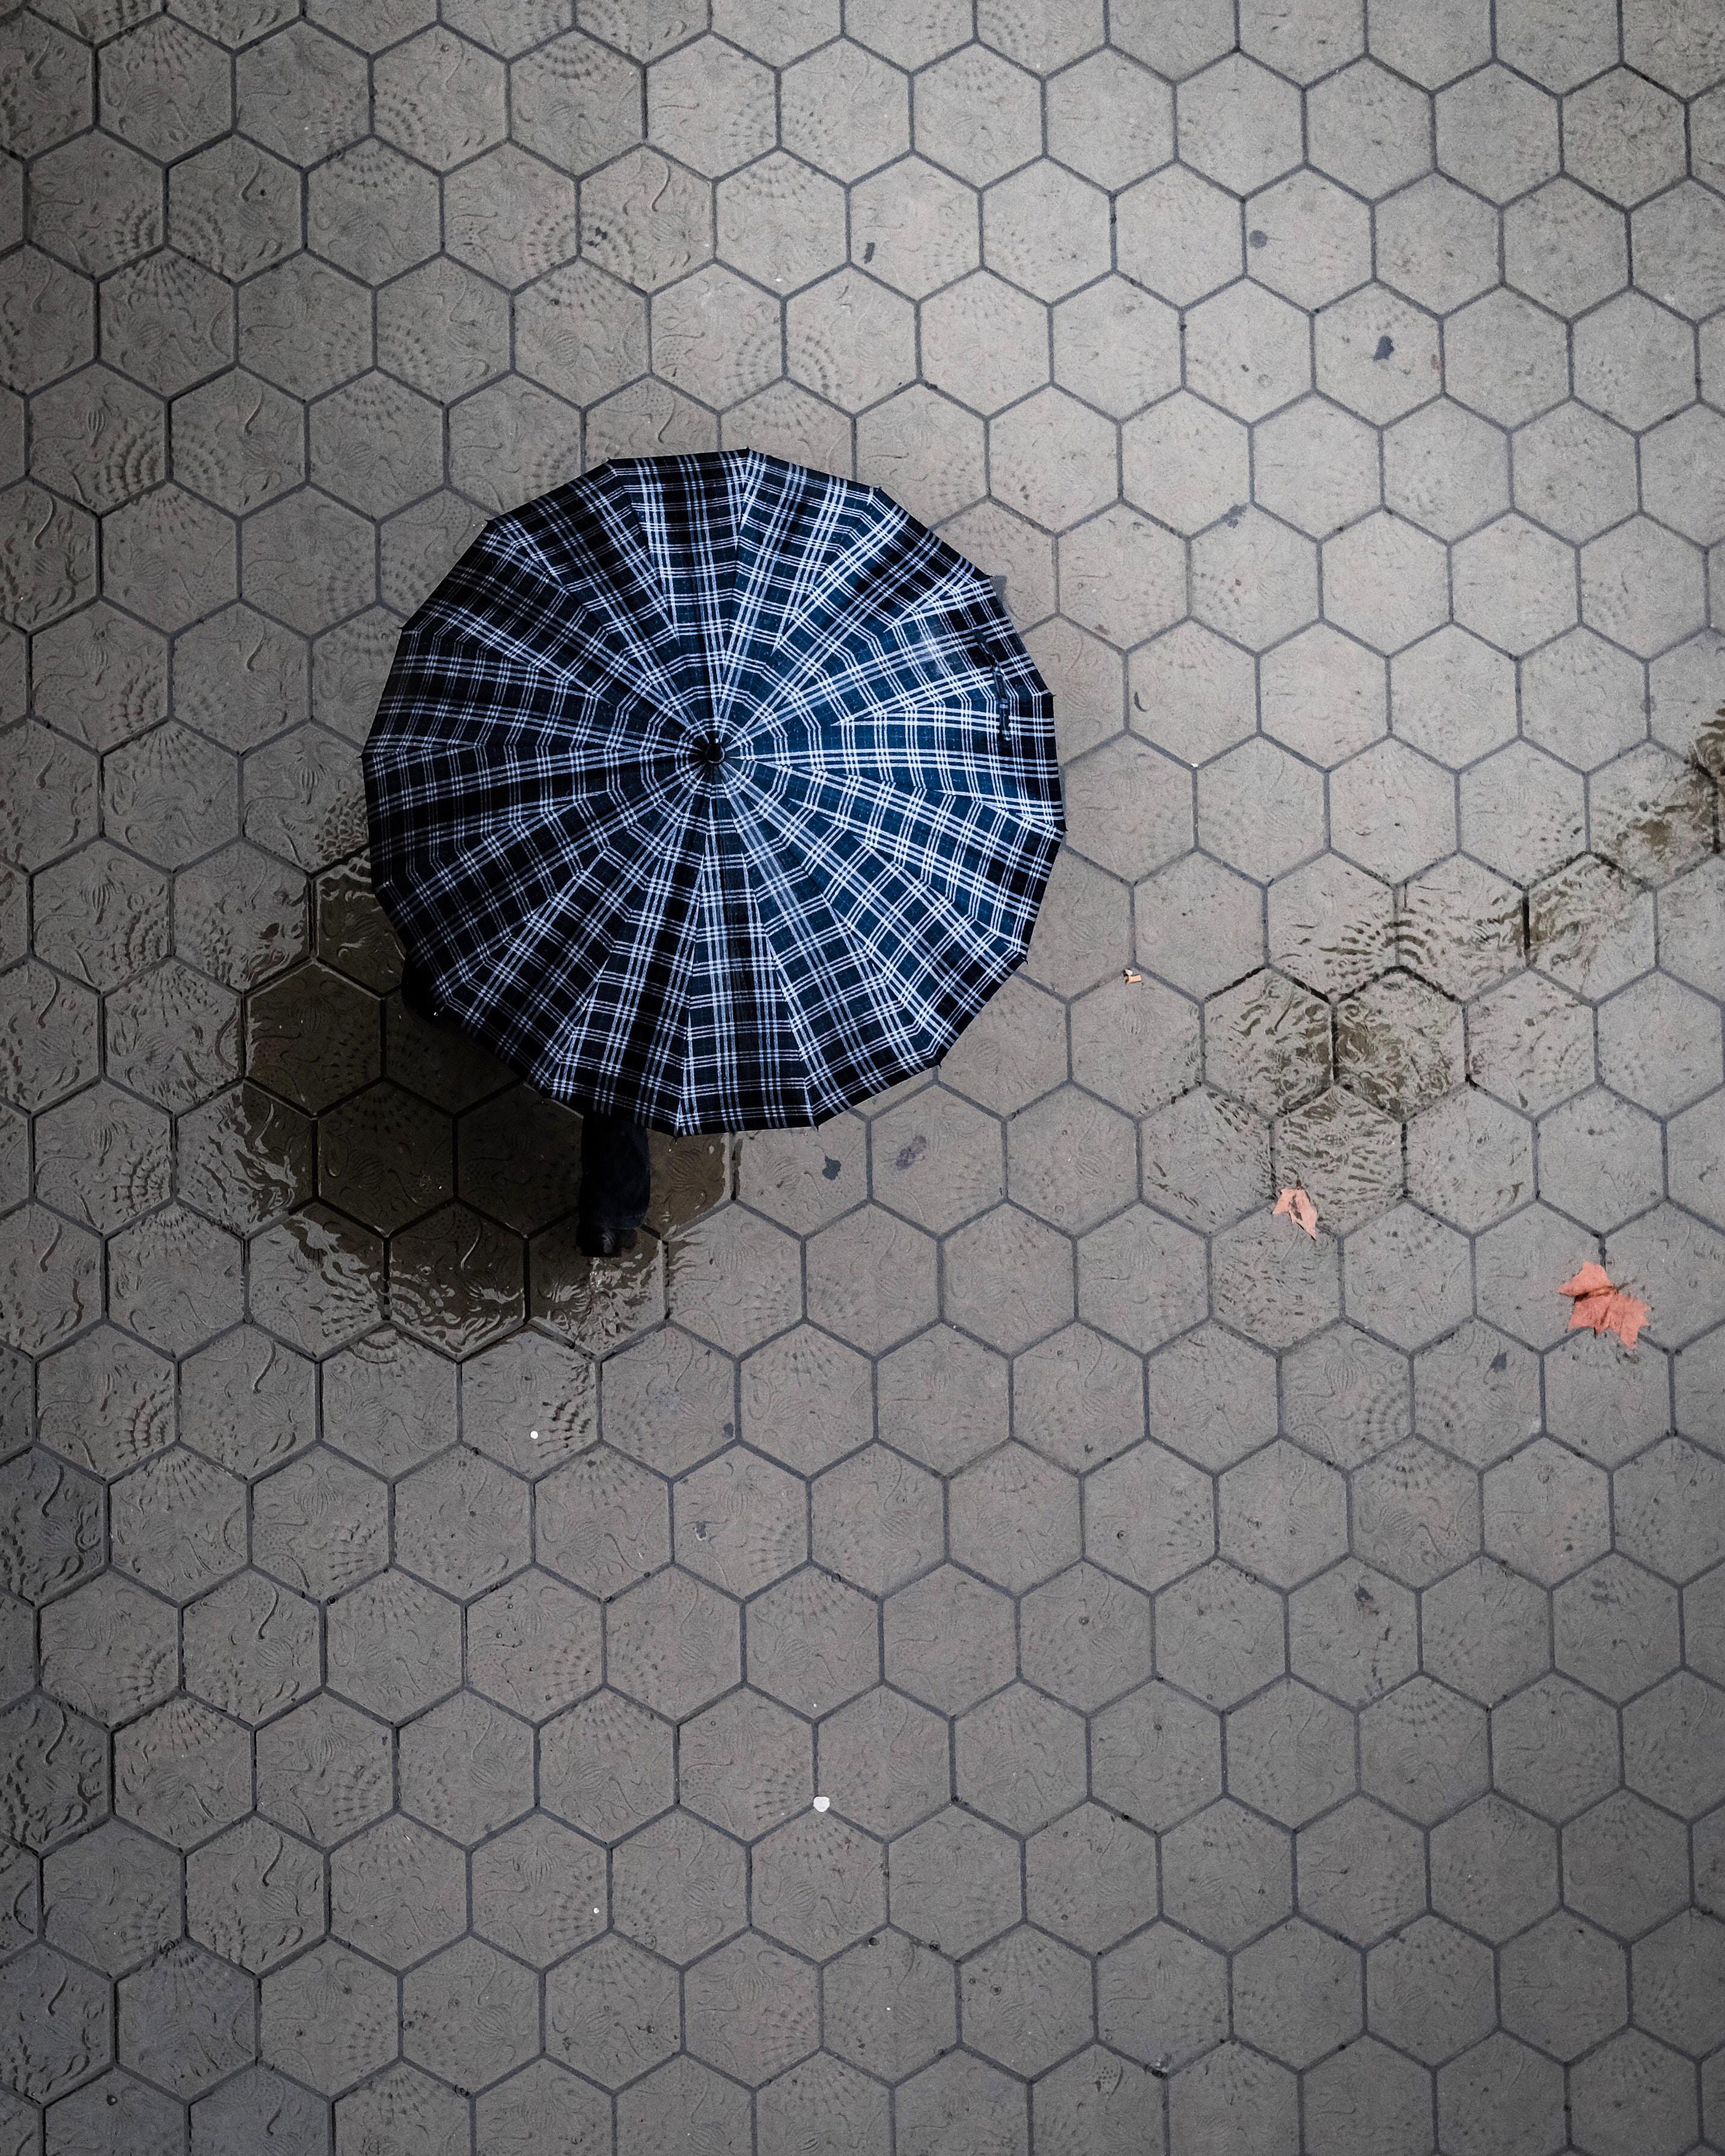 日傘 リーベンの口コミはどう?涼しく感じのか?遮光性や折りたたみの機能は?